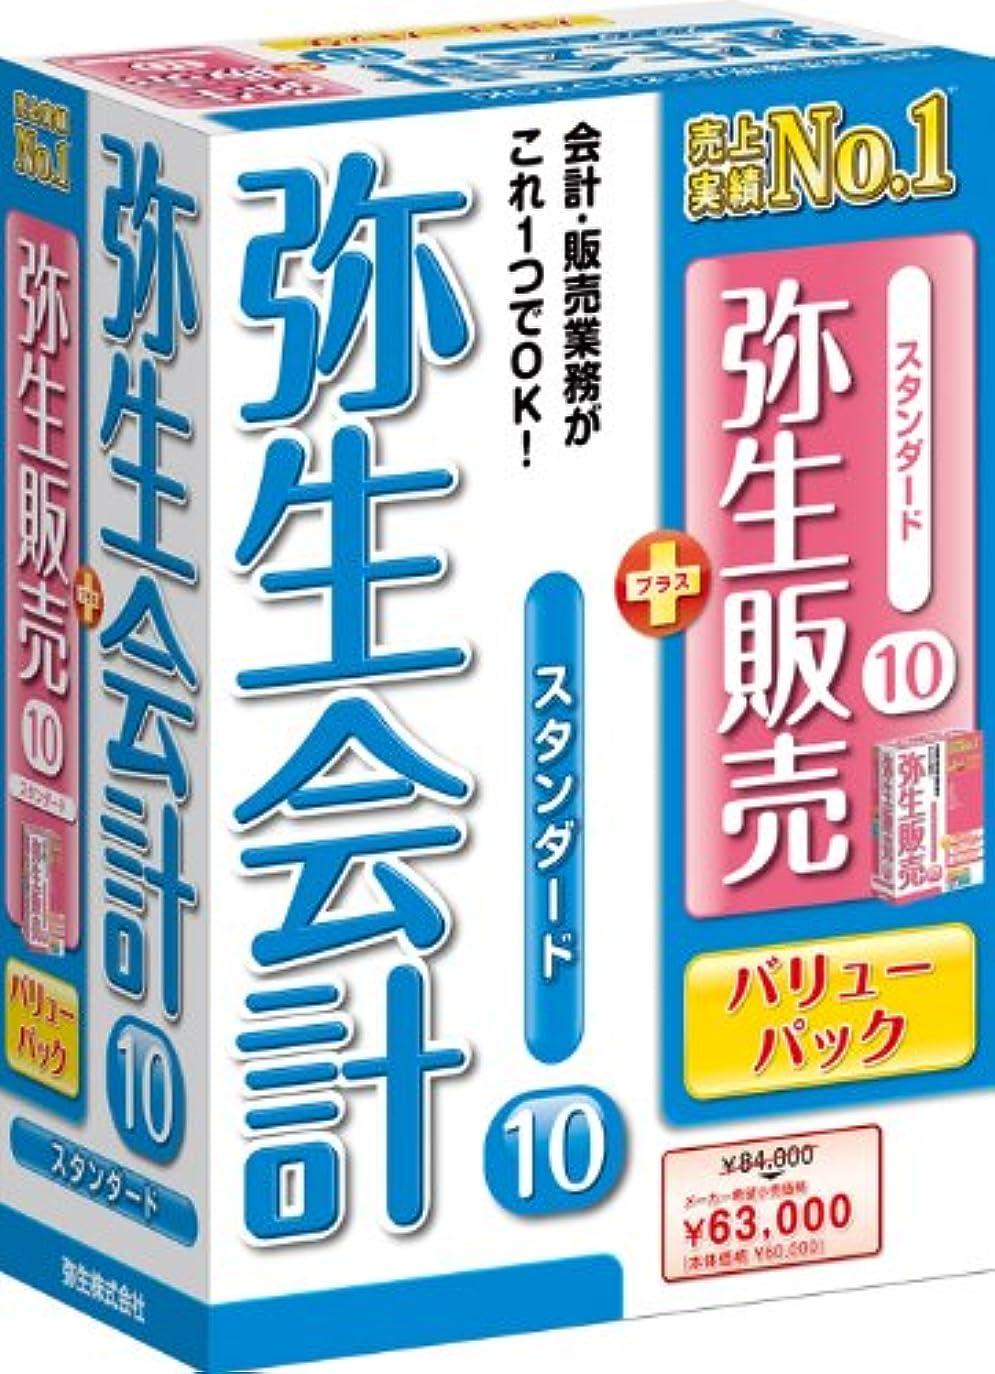 ハロウィンコンドーム埋める【旧商品】弥生会計 10 スタンダードバリューパック(+販売)